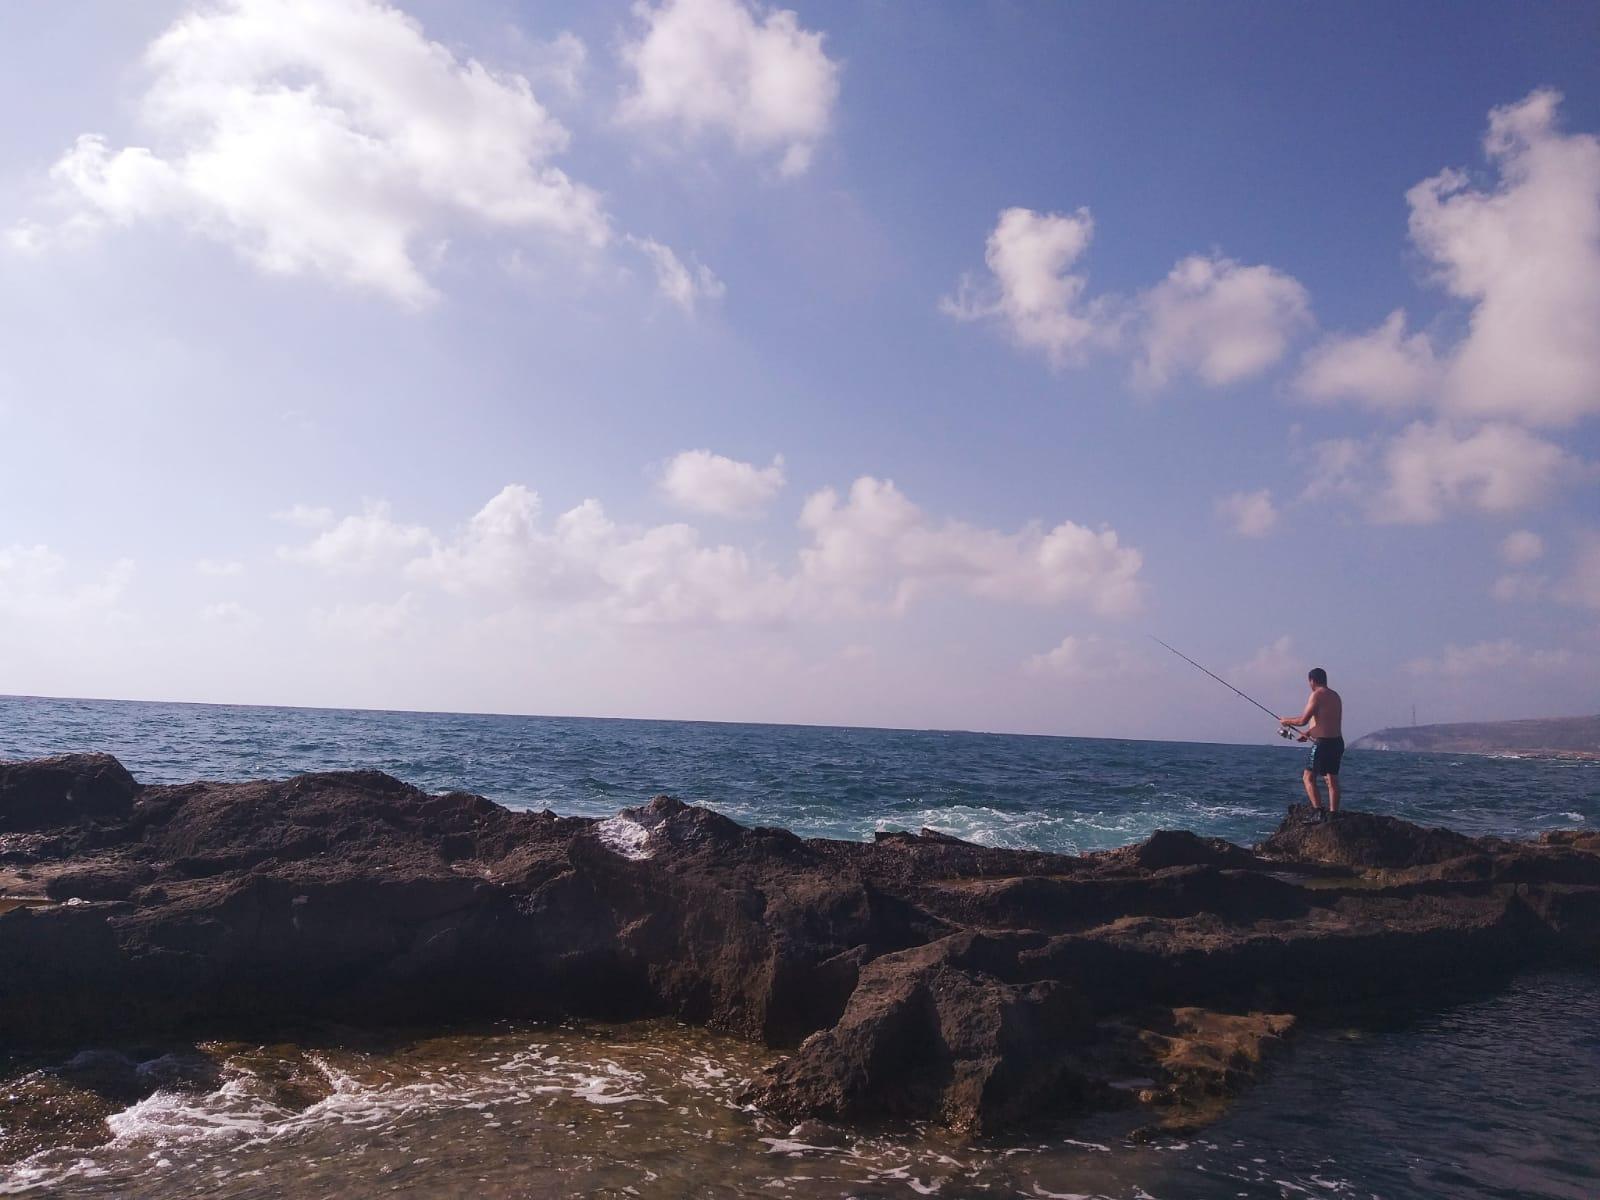 דיג על הסלעים של חוף אכזיב